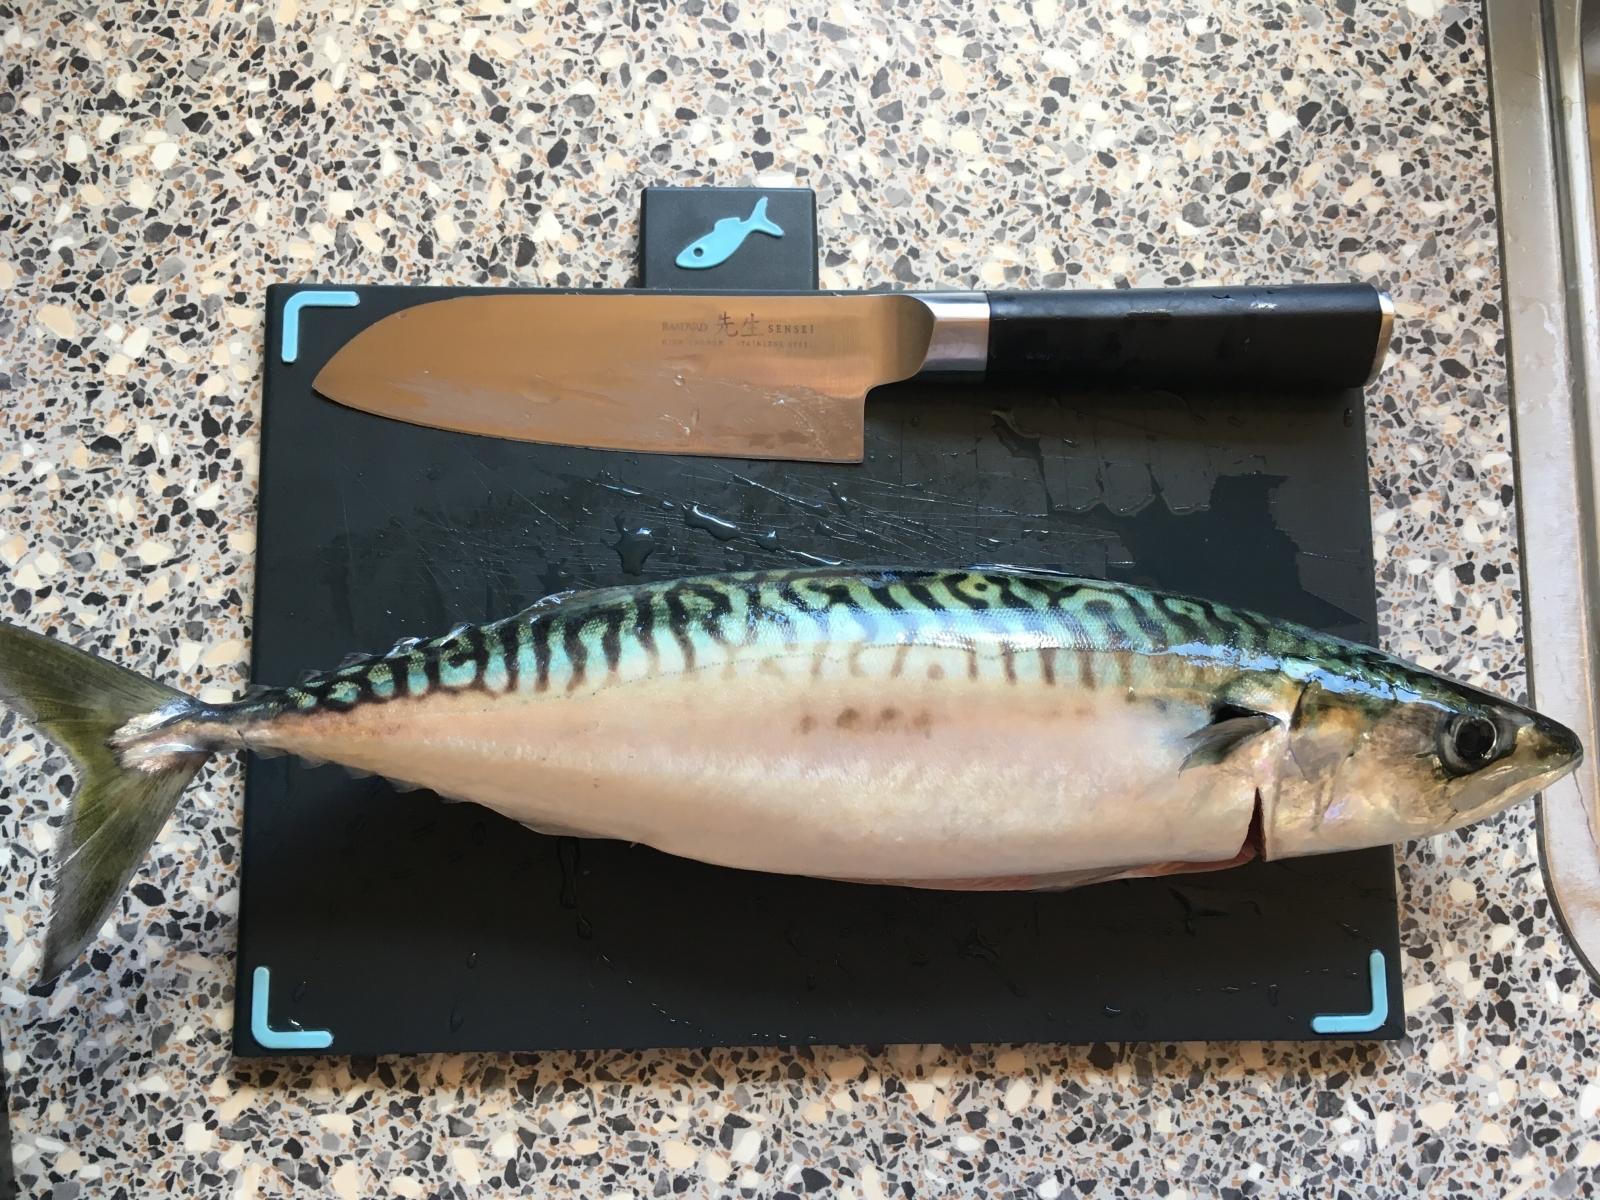 Makrel på 38 cm og 0.60 kg fra Mariagerfjord, Nordjylland -  fanget på Agnfisk # 7295